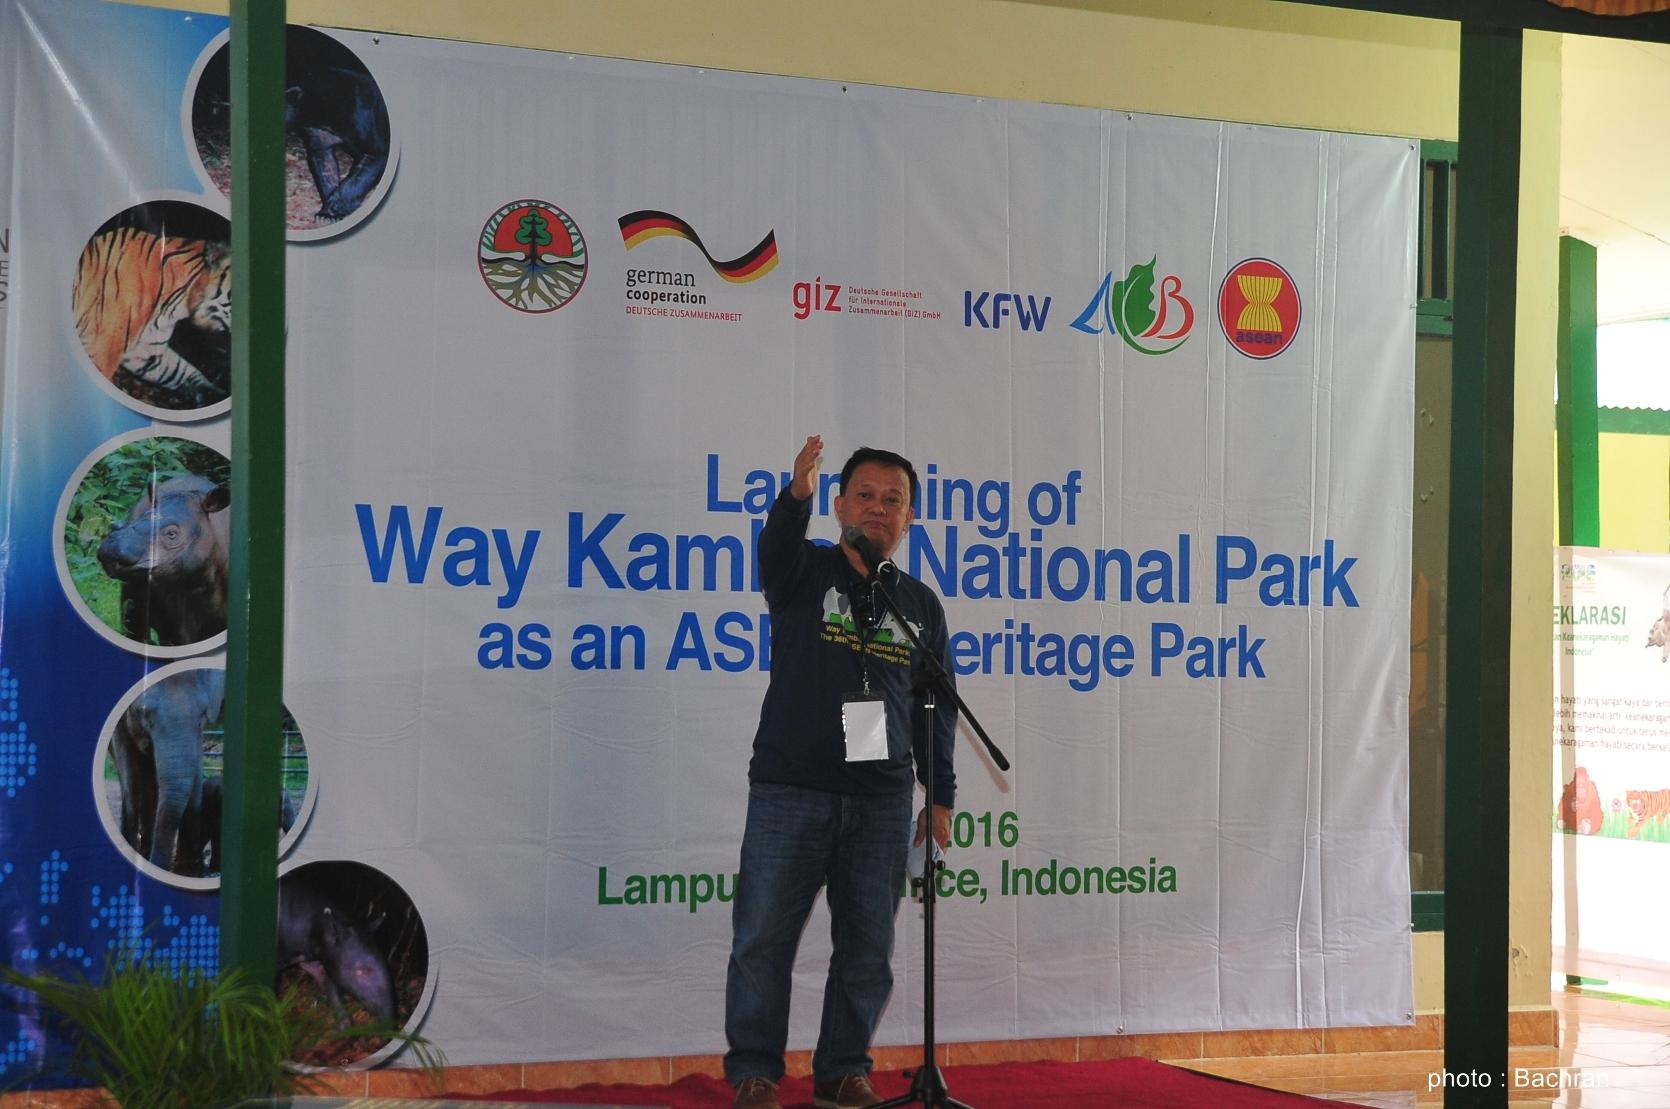 Direktur Eksekutif Pusat Keanekaragaman Hayati Asia Tenggara, Bapak Roberto V.Oliva